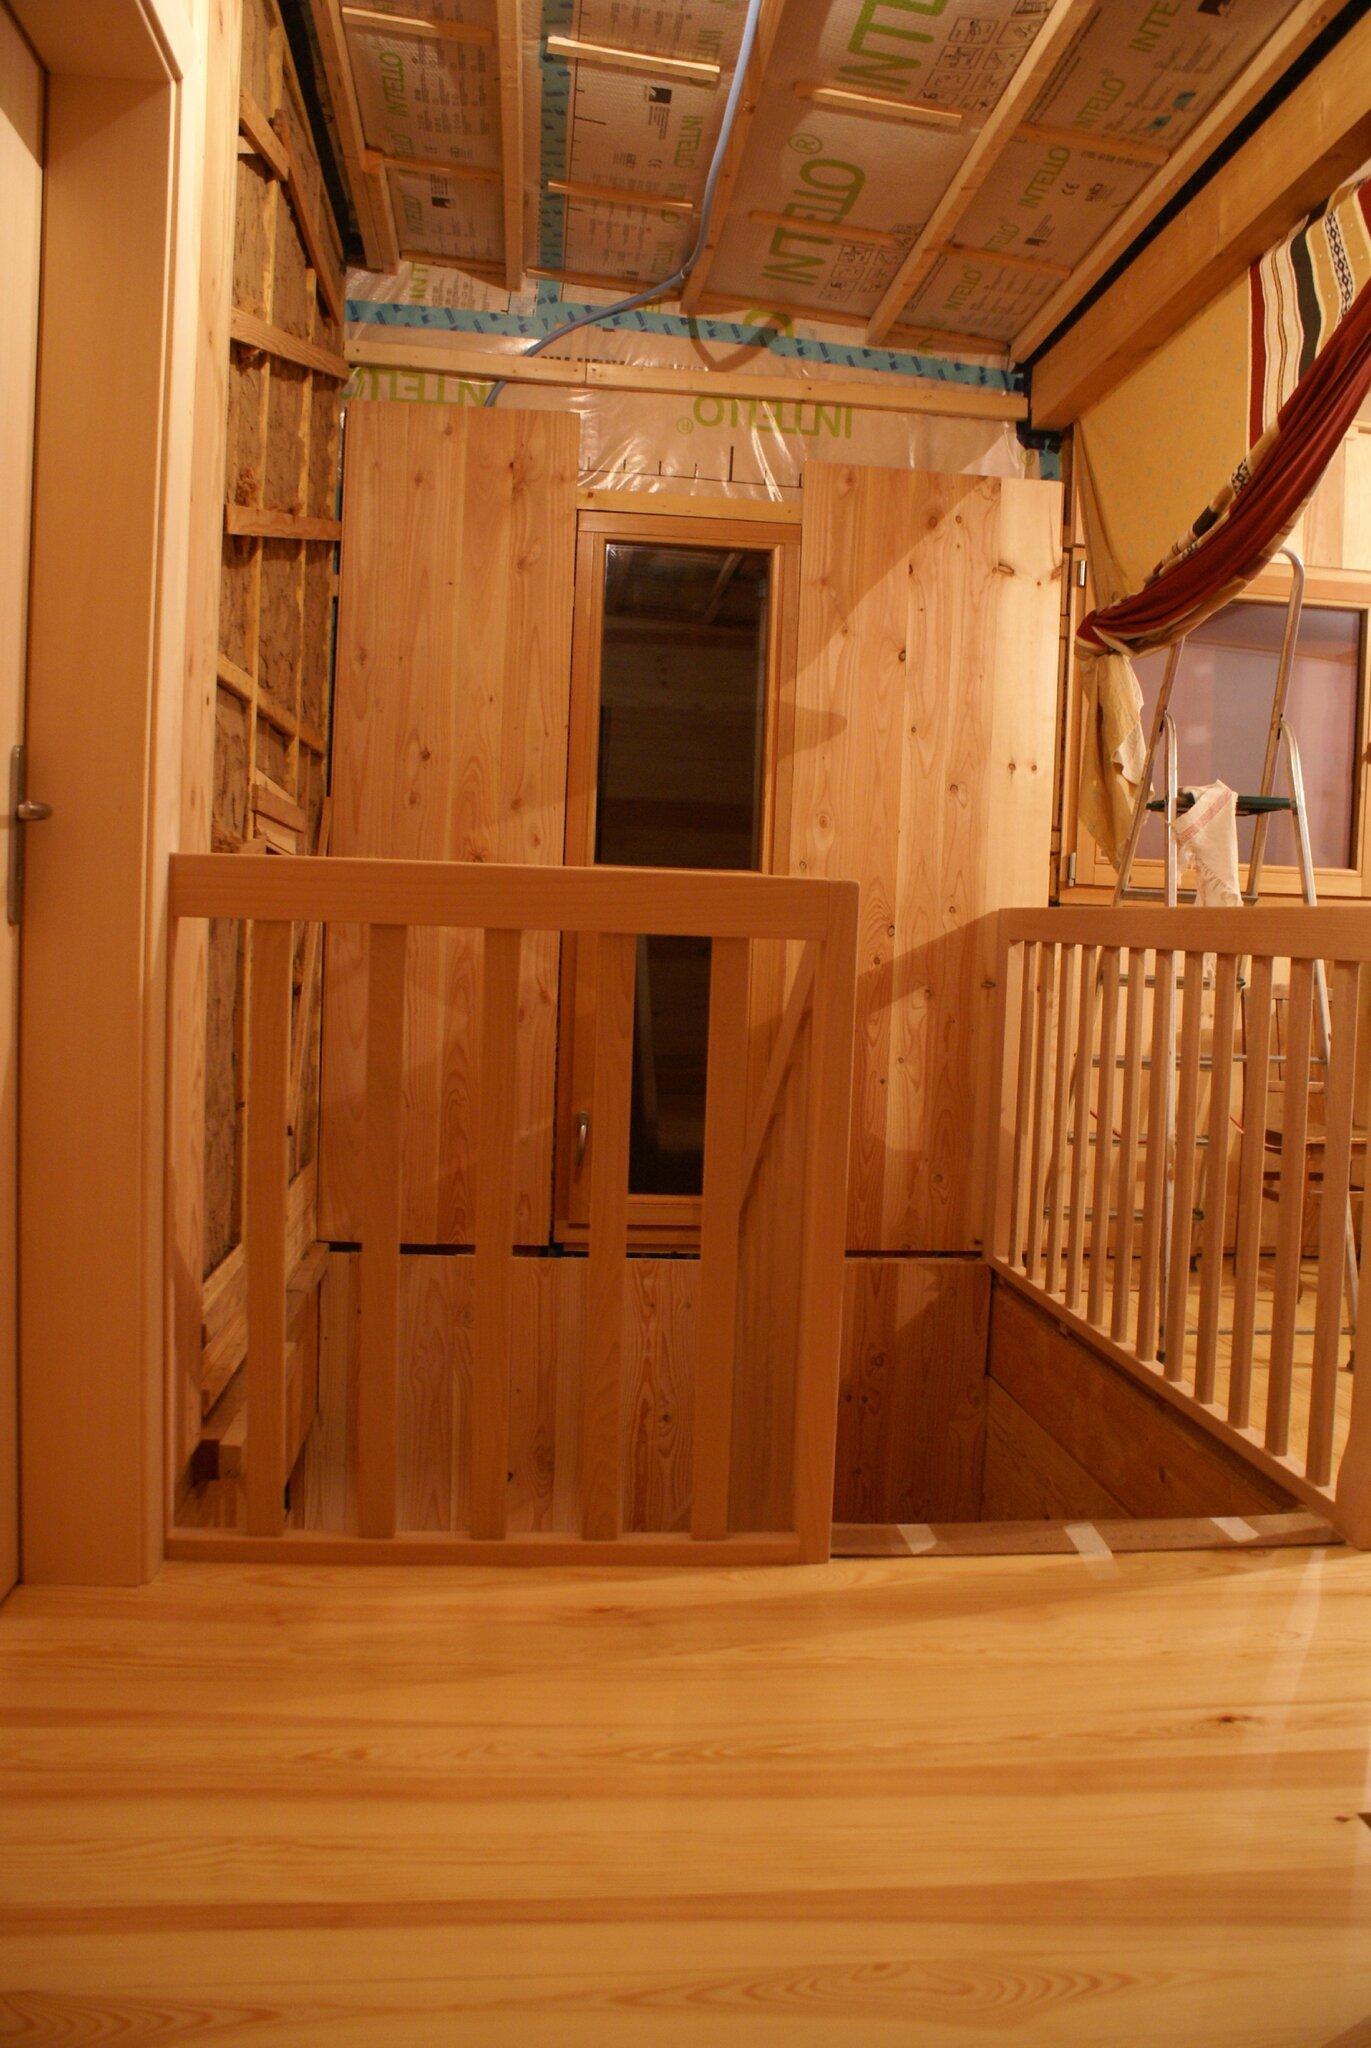 Huile Pour Escalier Hetre l'escalier en hêtre - maison faivre moulenes